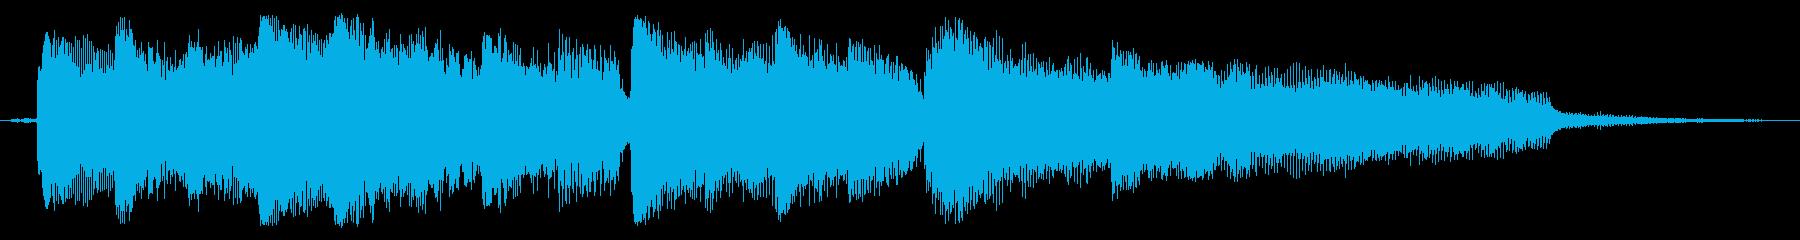 和風メロのピアノ曲の再生済みの波形